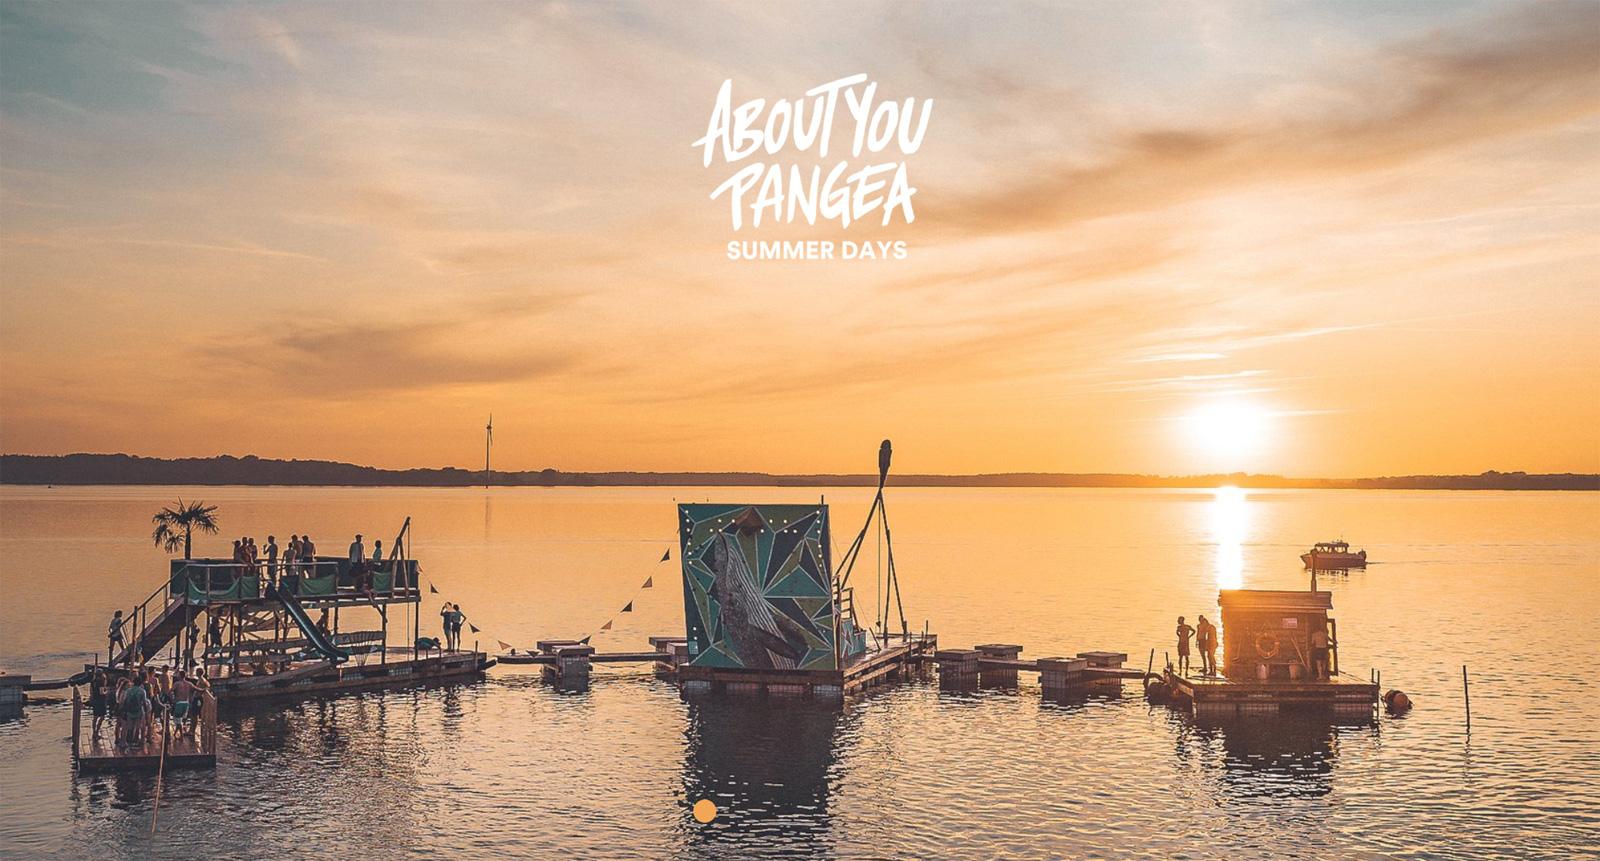 Ein heißer Tip für das kommende Wochenende – Van Life  made by Pangea